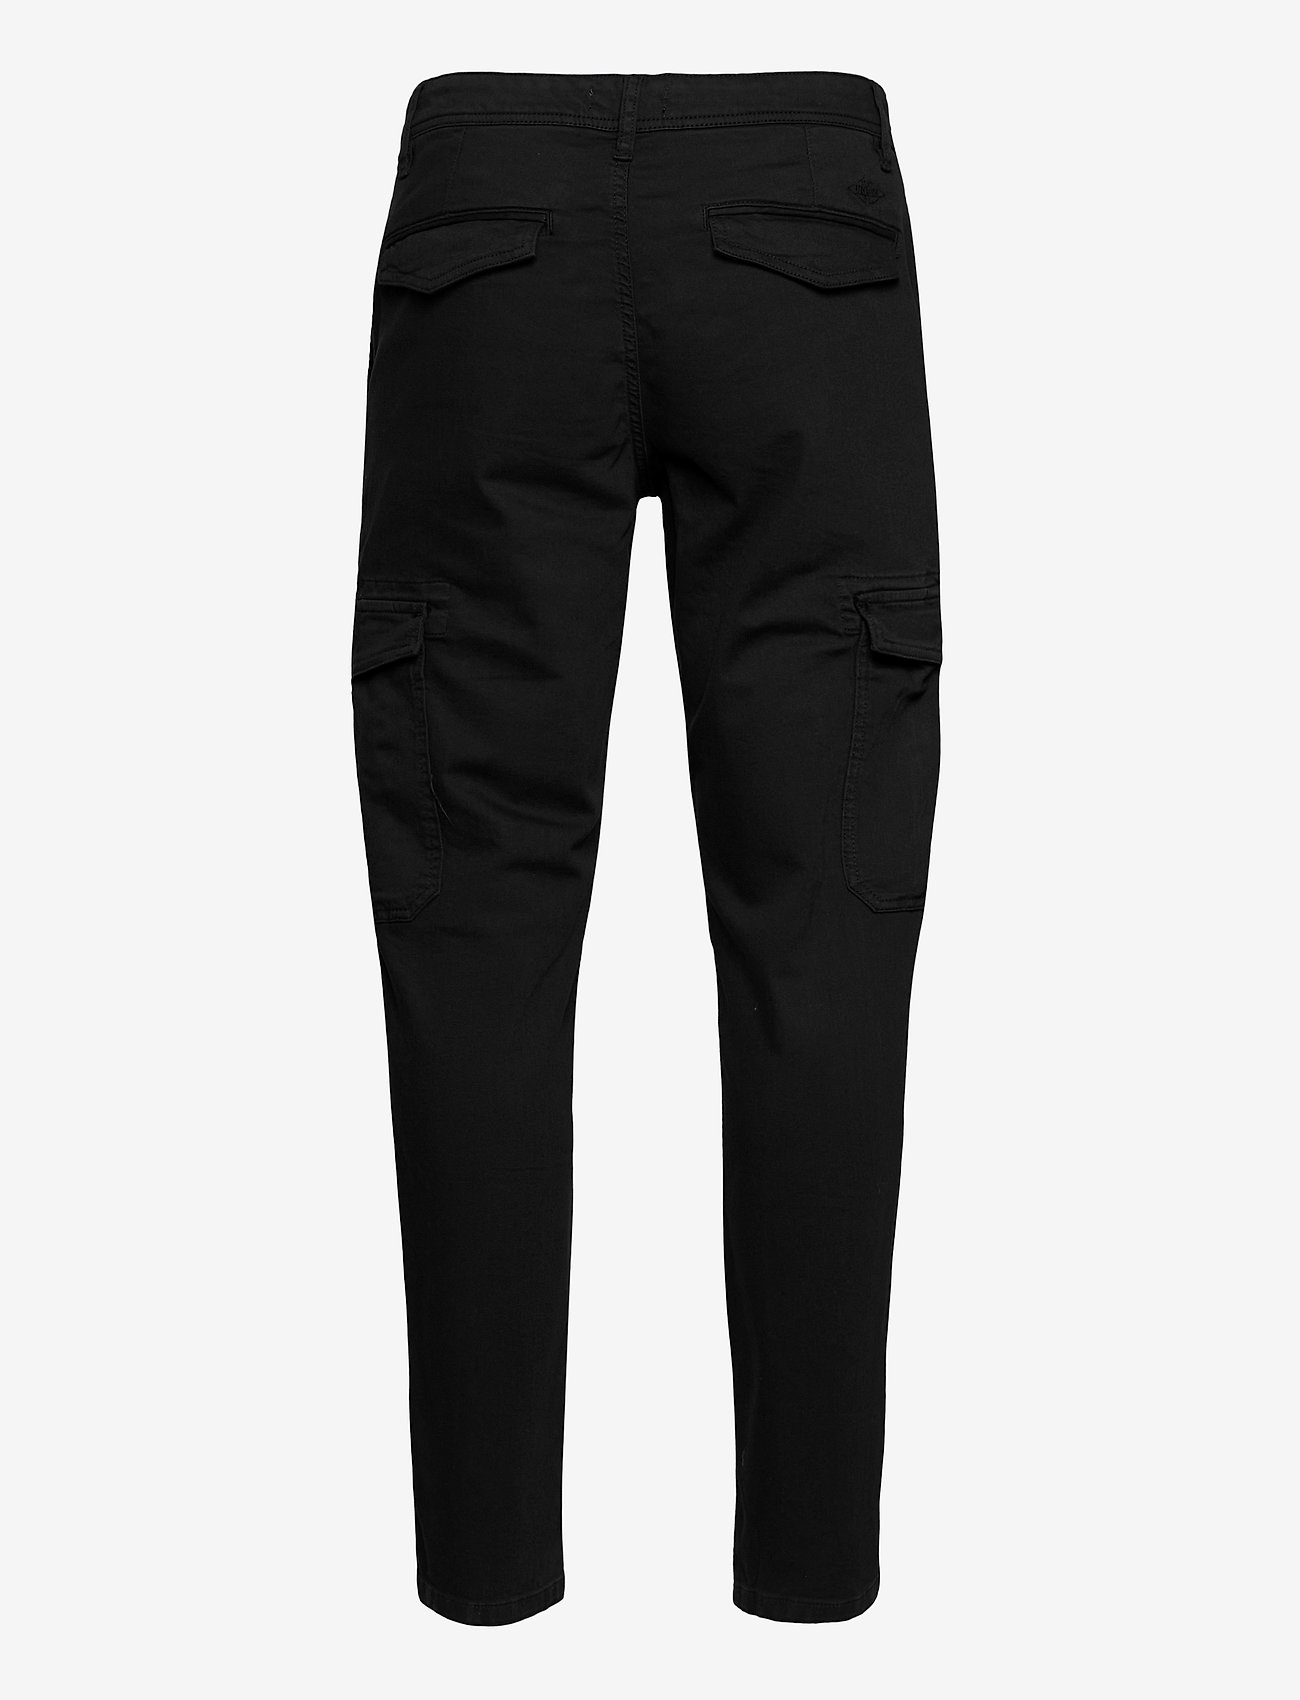 Selected Homme - SLHSLIMCOMFORT-AARON PANTS W - cargobukser - black - 1